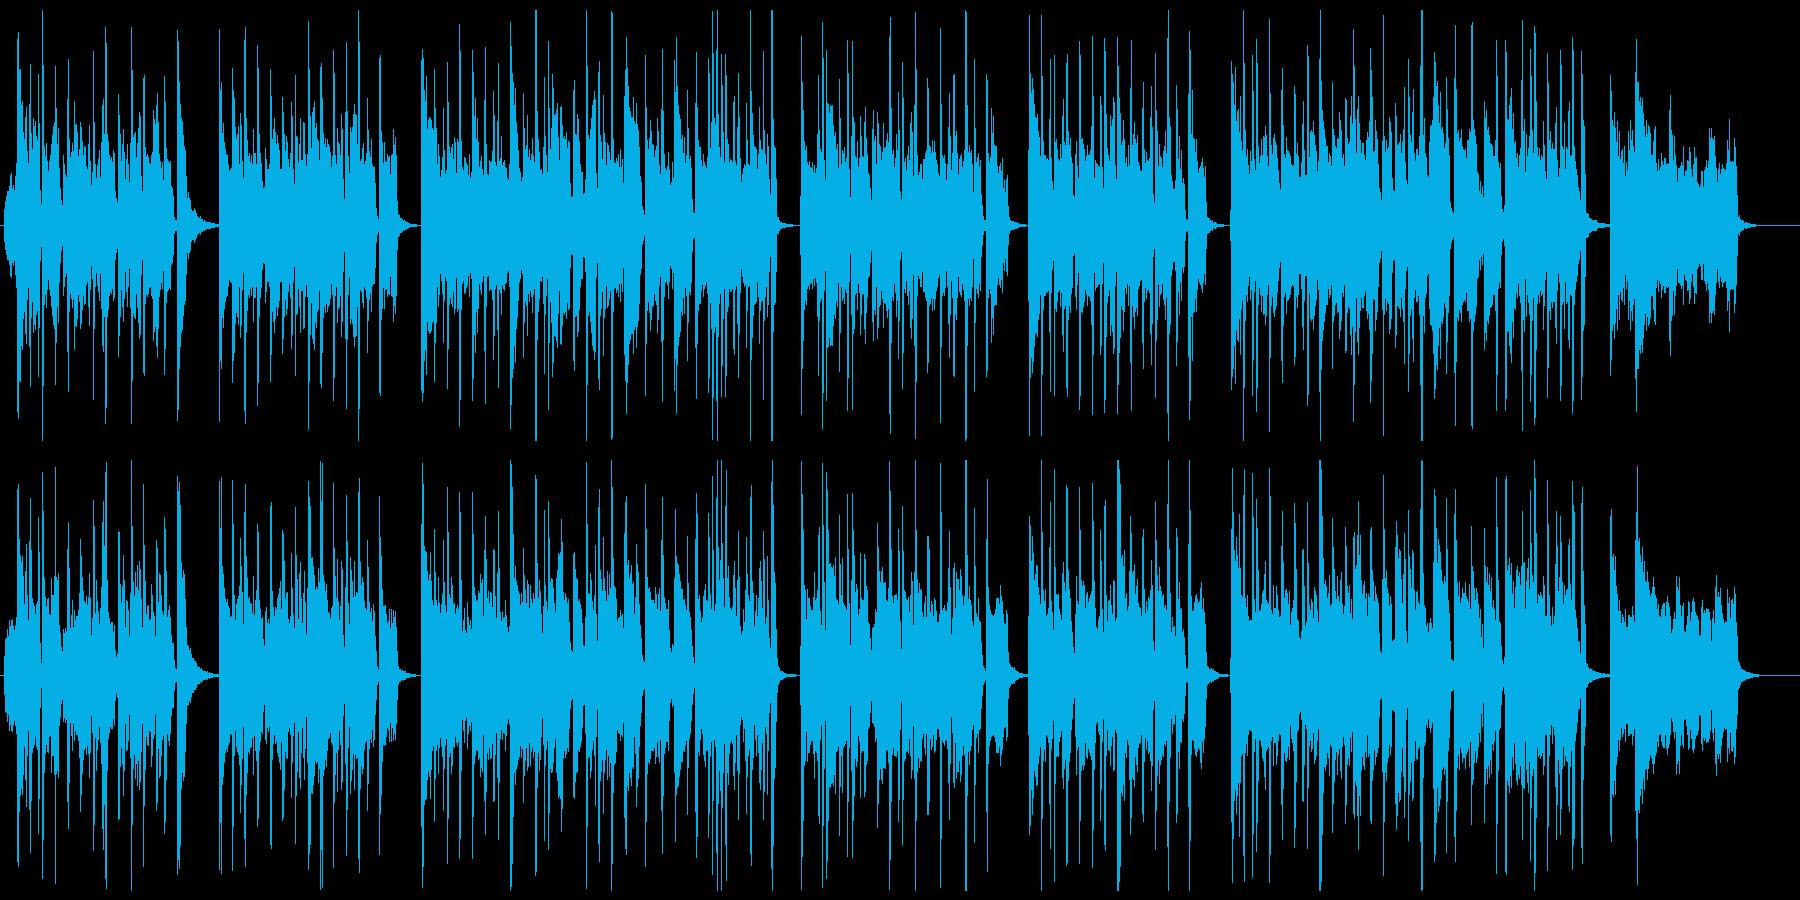 ハロウィン用おばけジャズの再生済みの波形